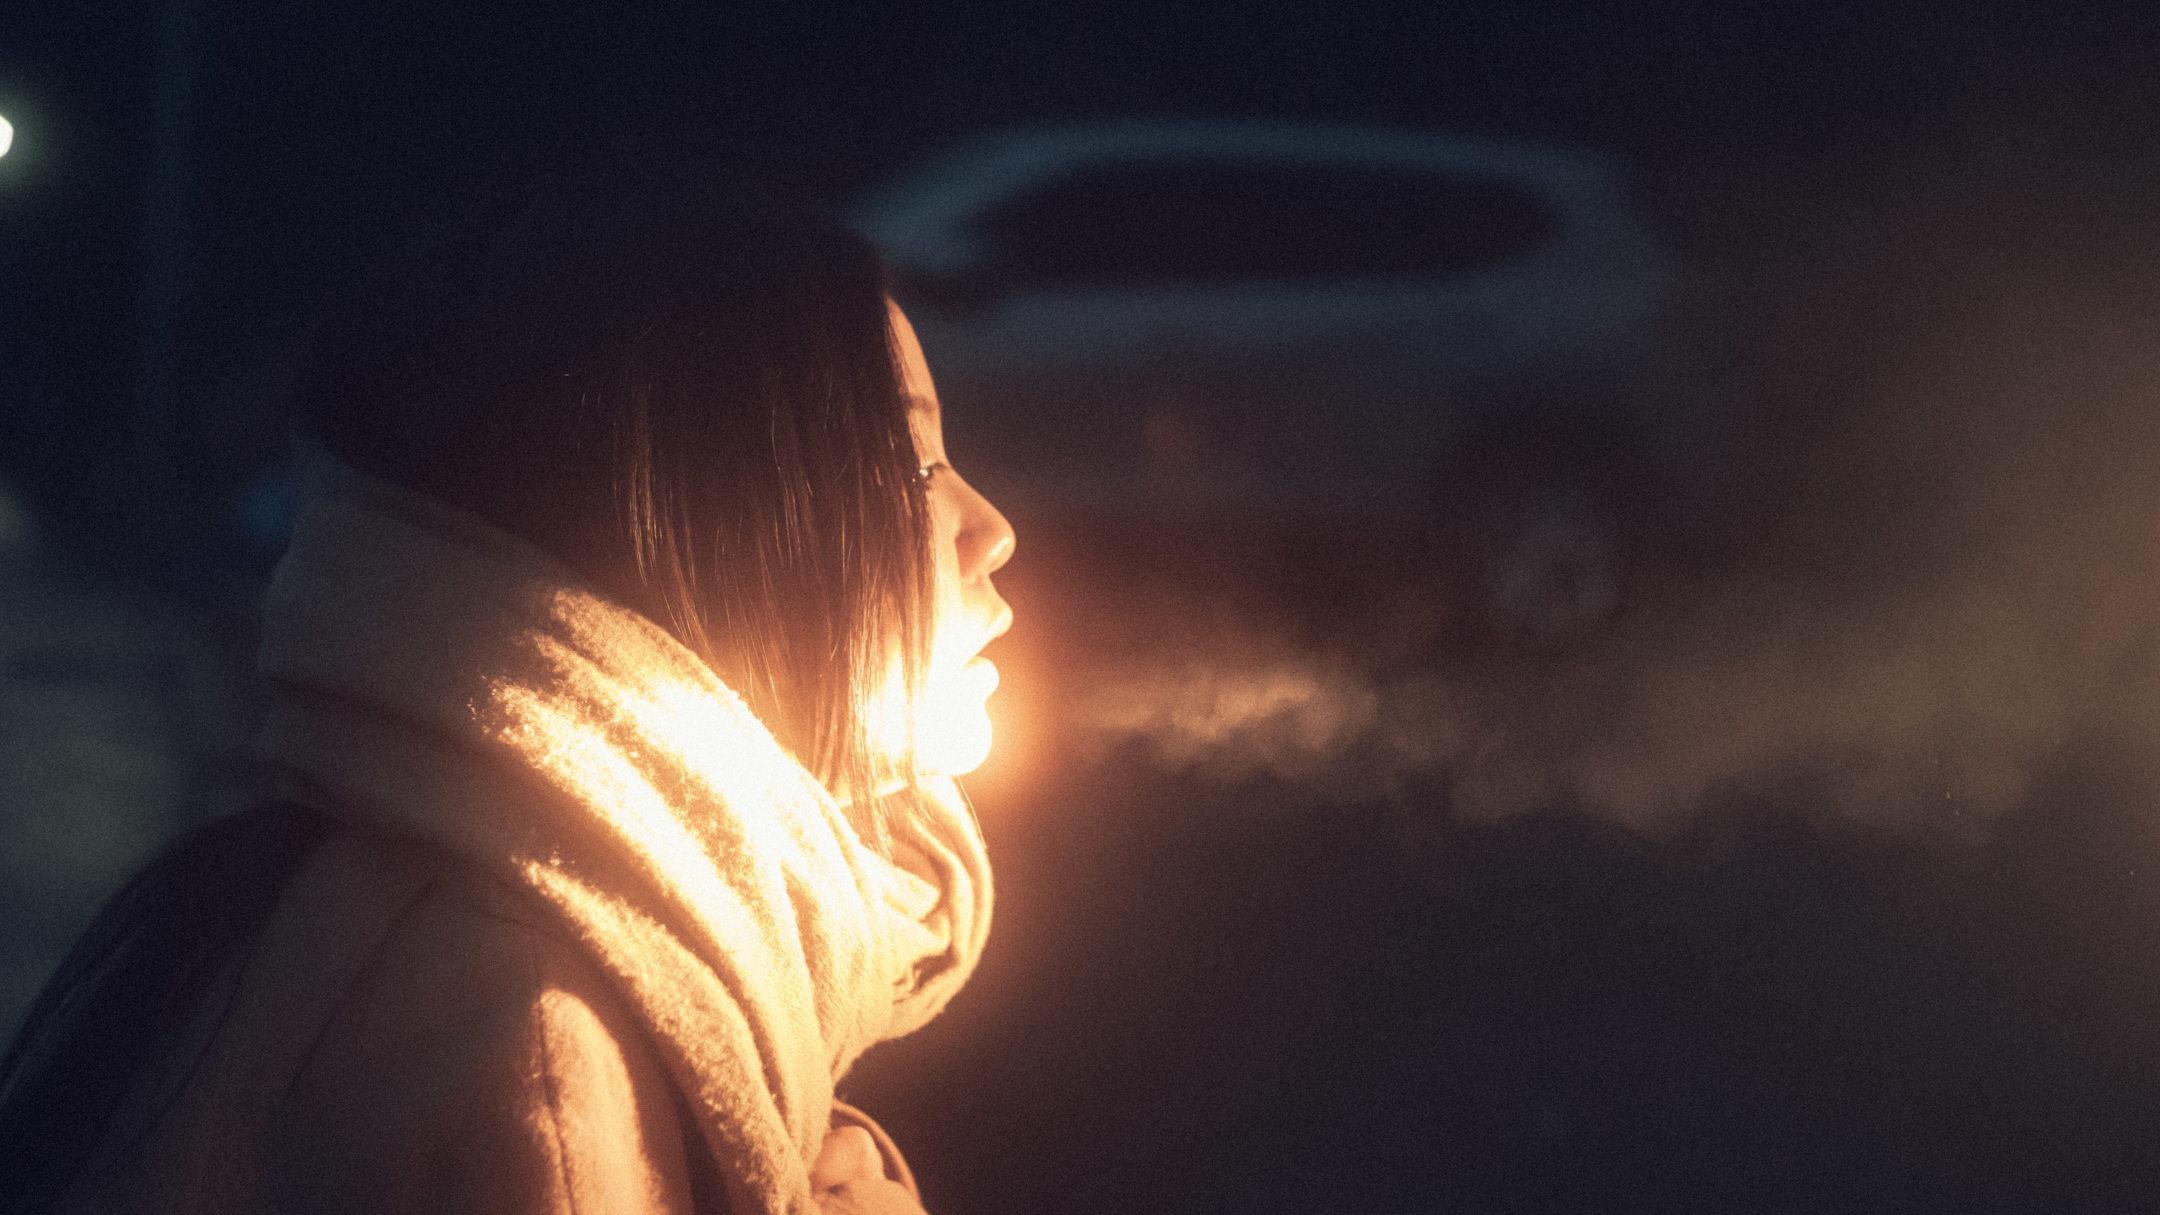 オールドレンズ×ミラーレス - フィルムユーザーが感じた表現の広がり